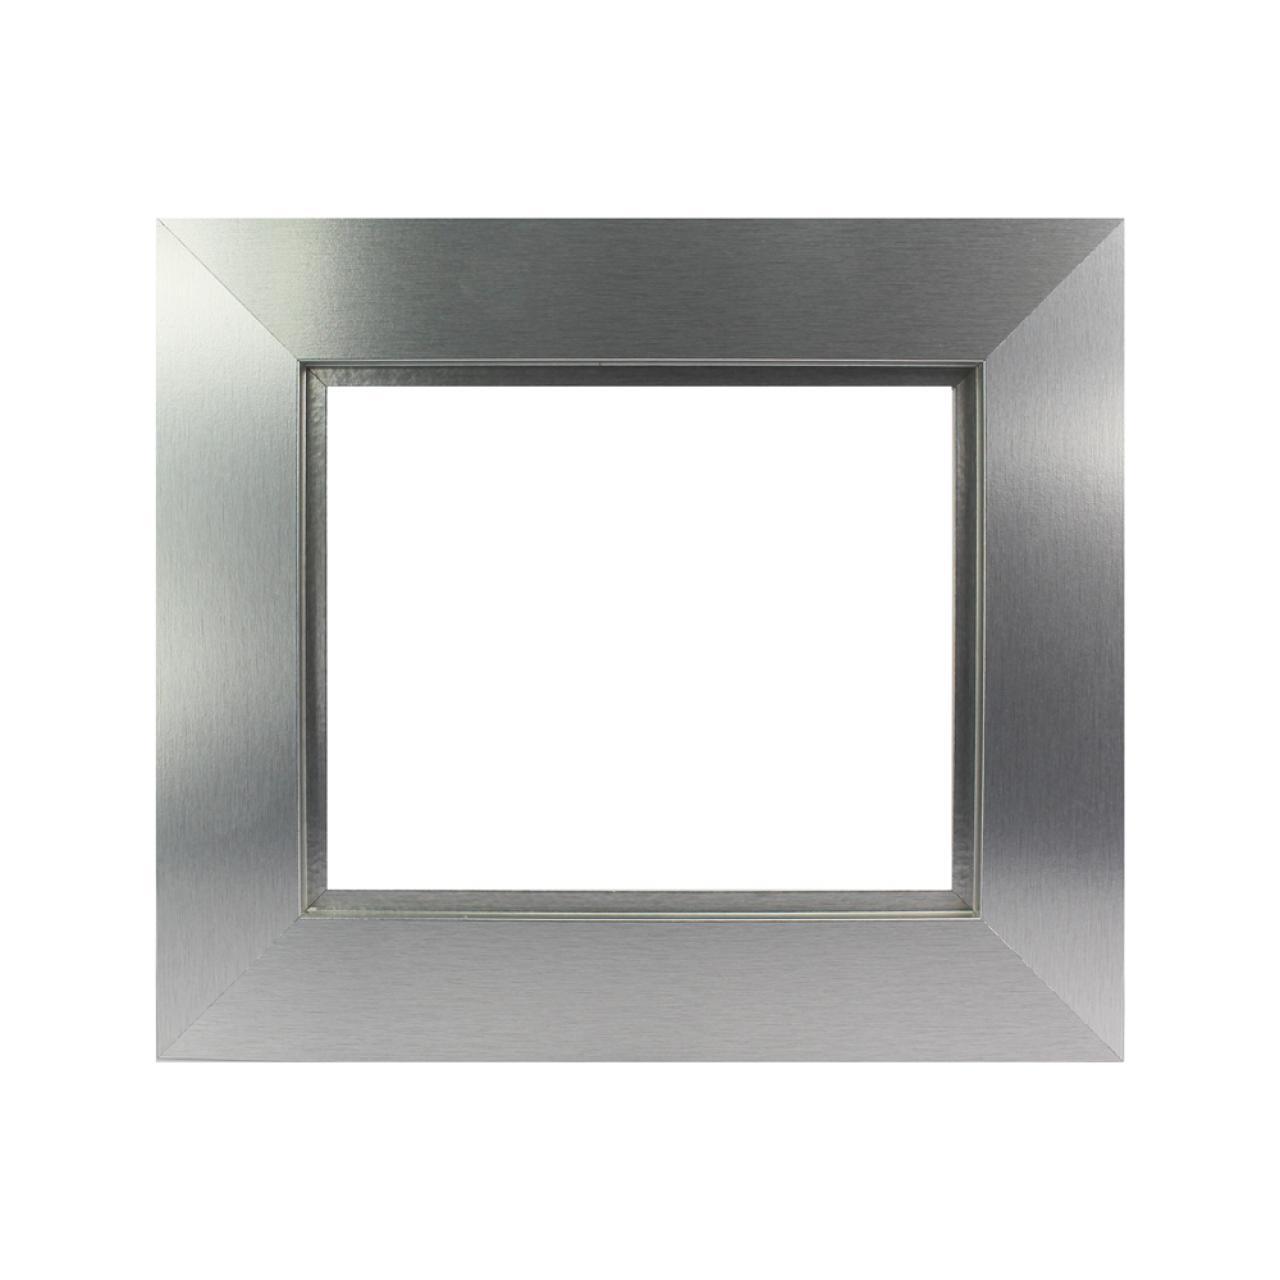 caisse plate americaine argent cadre pour tableau cadres en stock. Black Bedroom Furniture Sets. Home Design Ideas